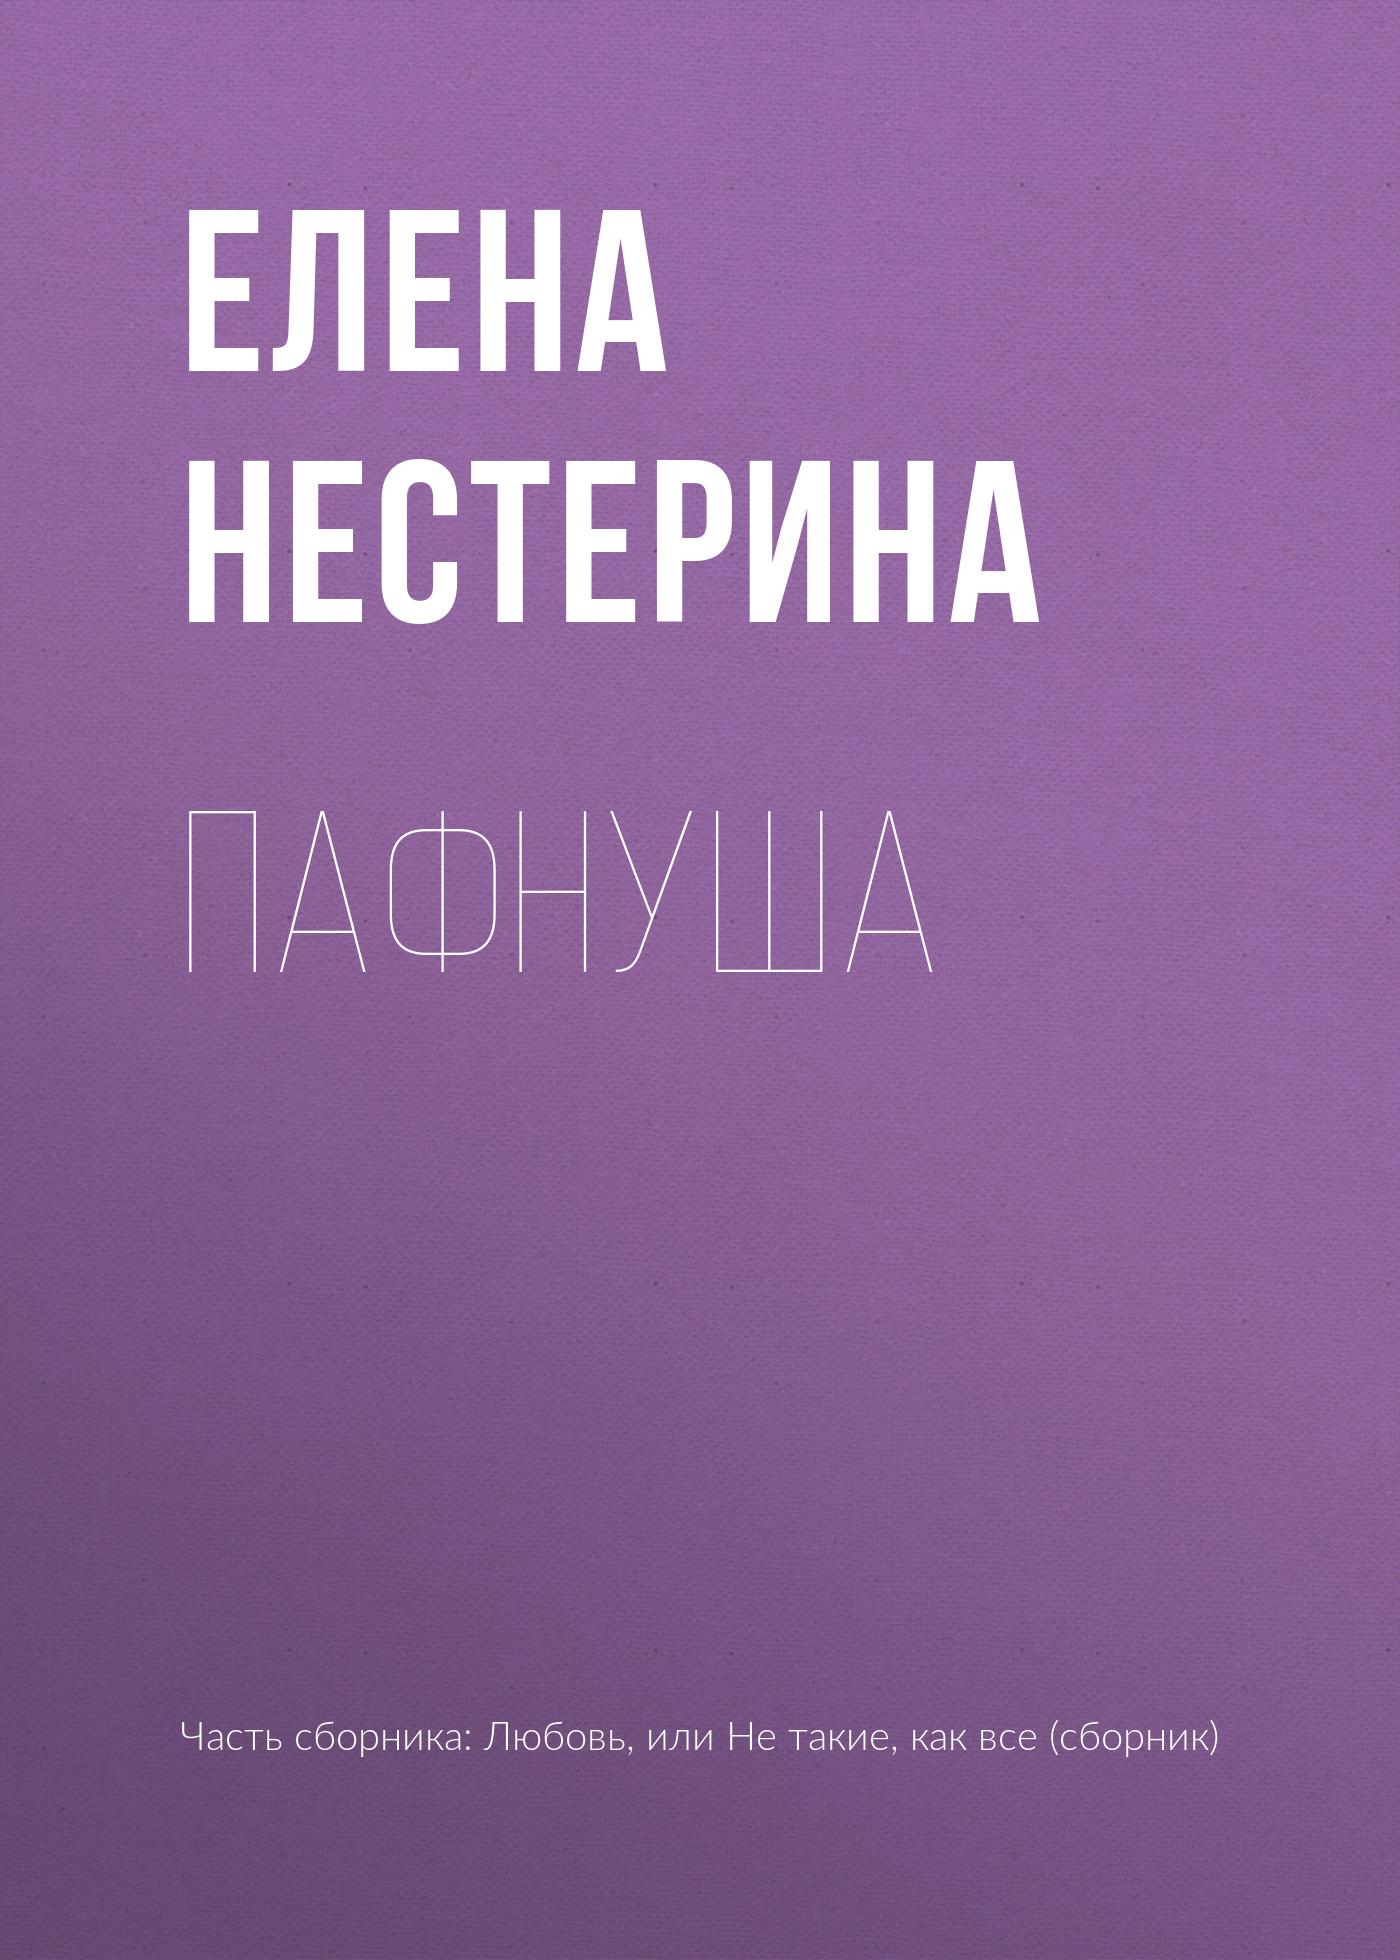 Елена Нестерина Пафнуша елена нестерина роза